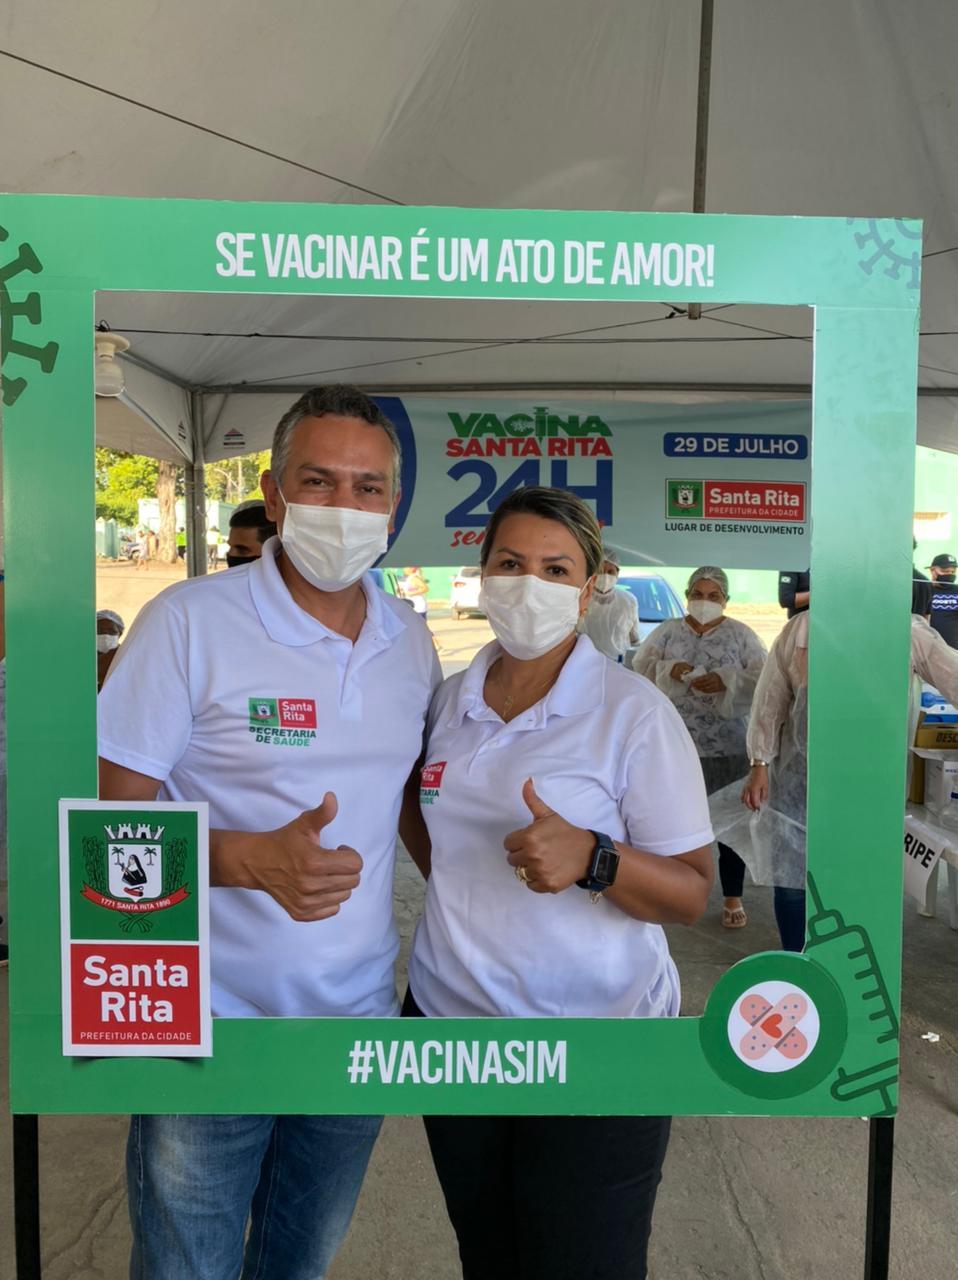 """WhatsApp Image 2021 07 31 at 12.27.39 - Jane Panta destaca ação de vacinação contra a Covid-19 em Santa Rita: """"fizemos história"""""""